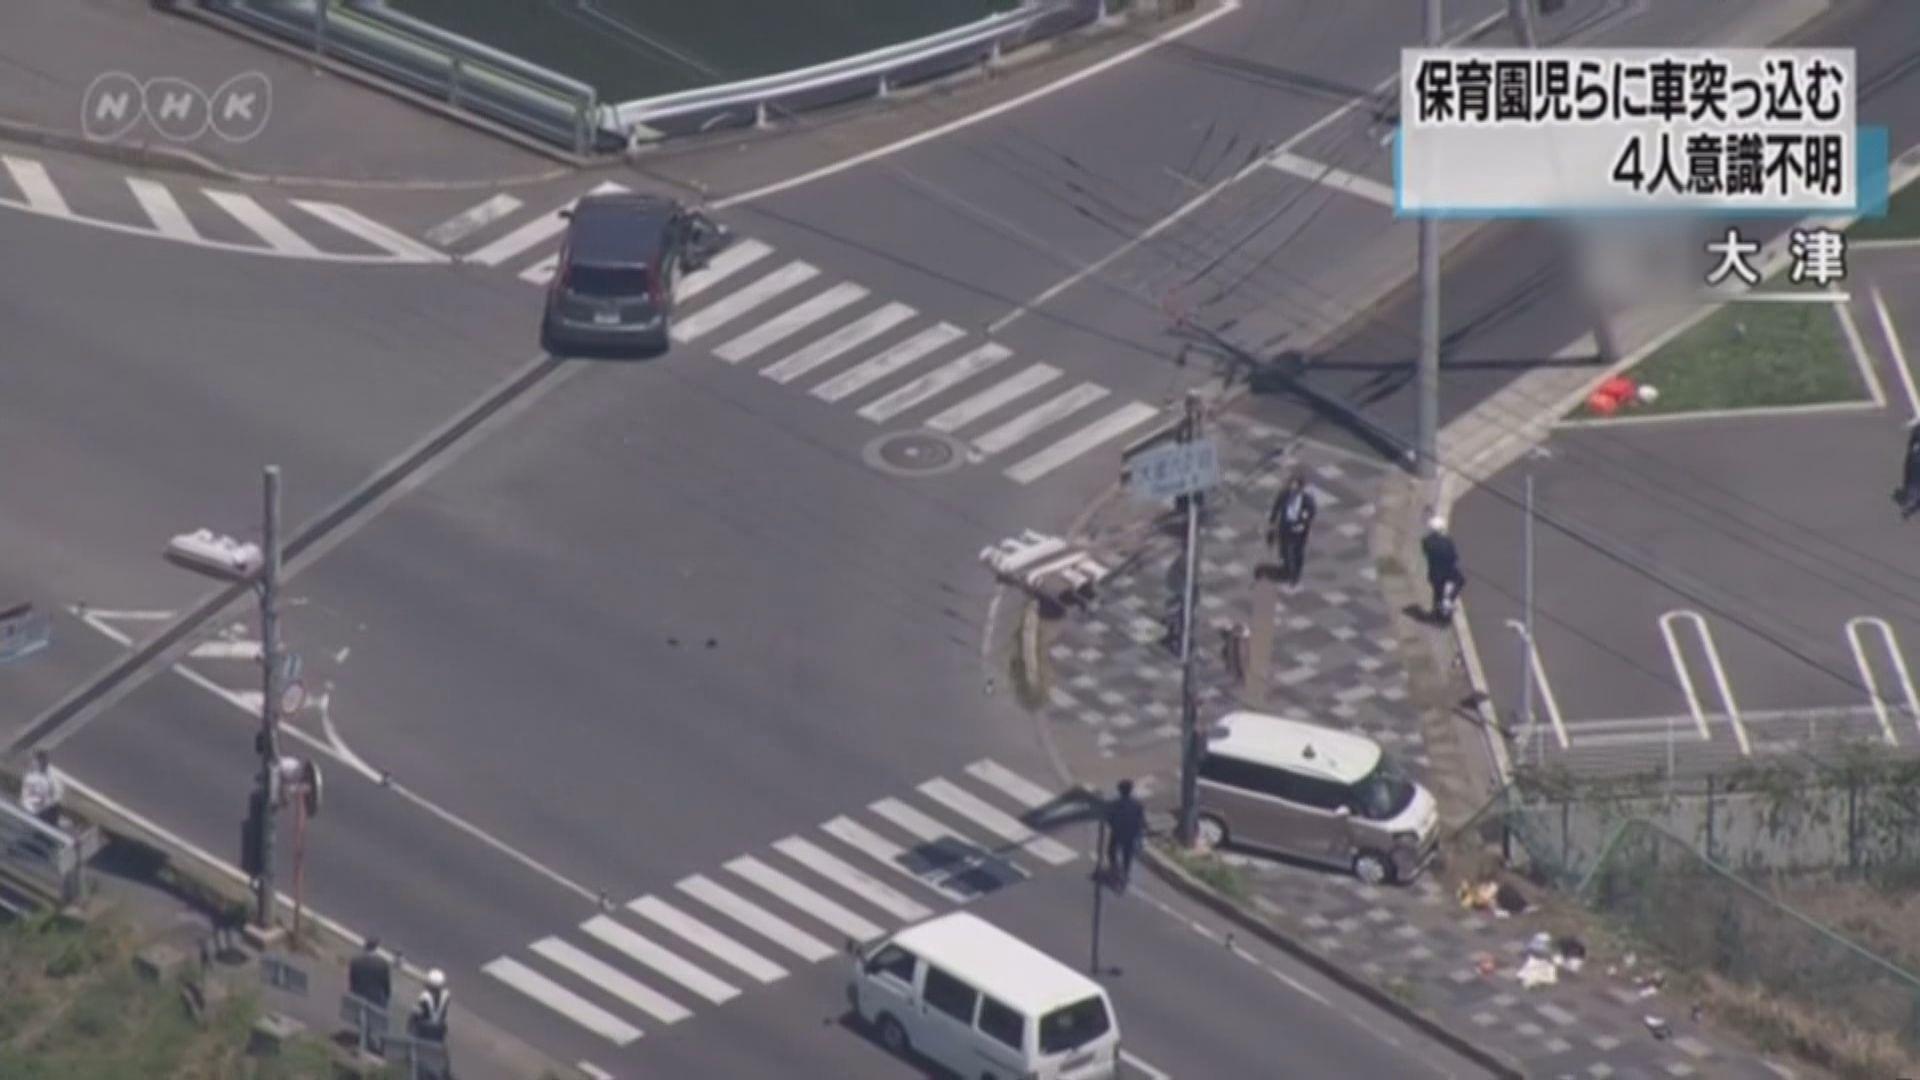 日本滋賀縣有汽車撞向學童 最少兩死